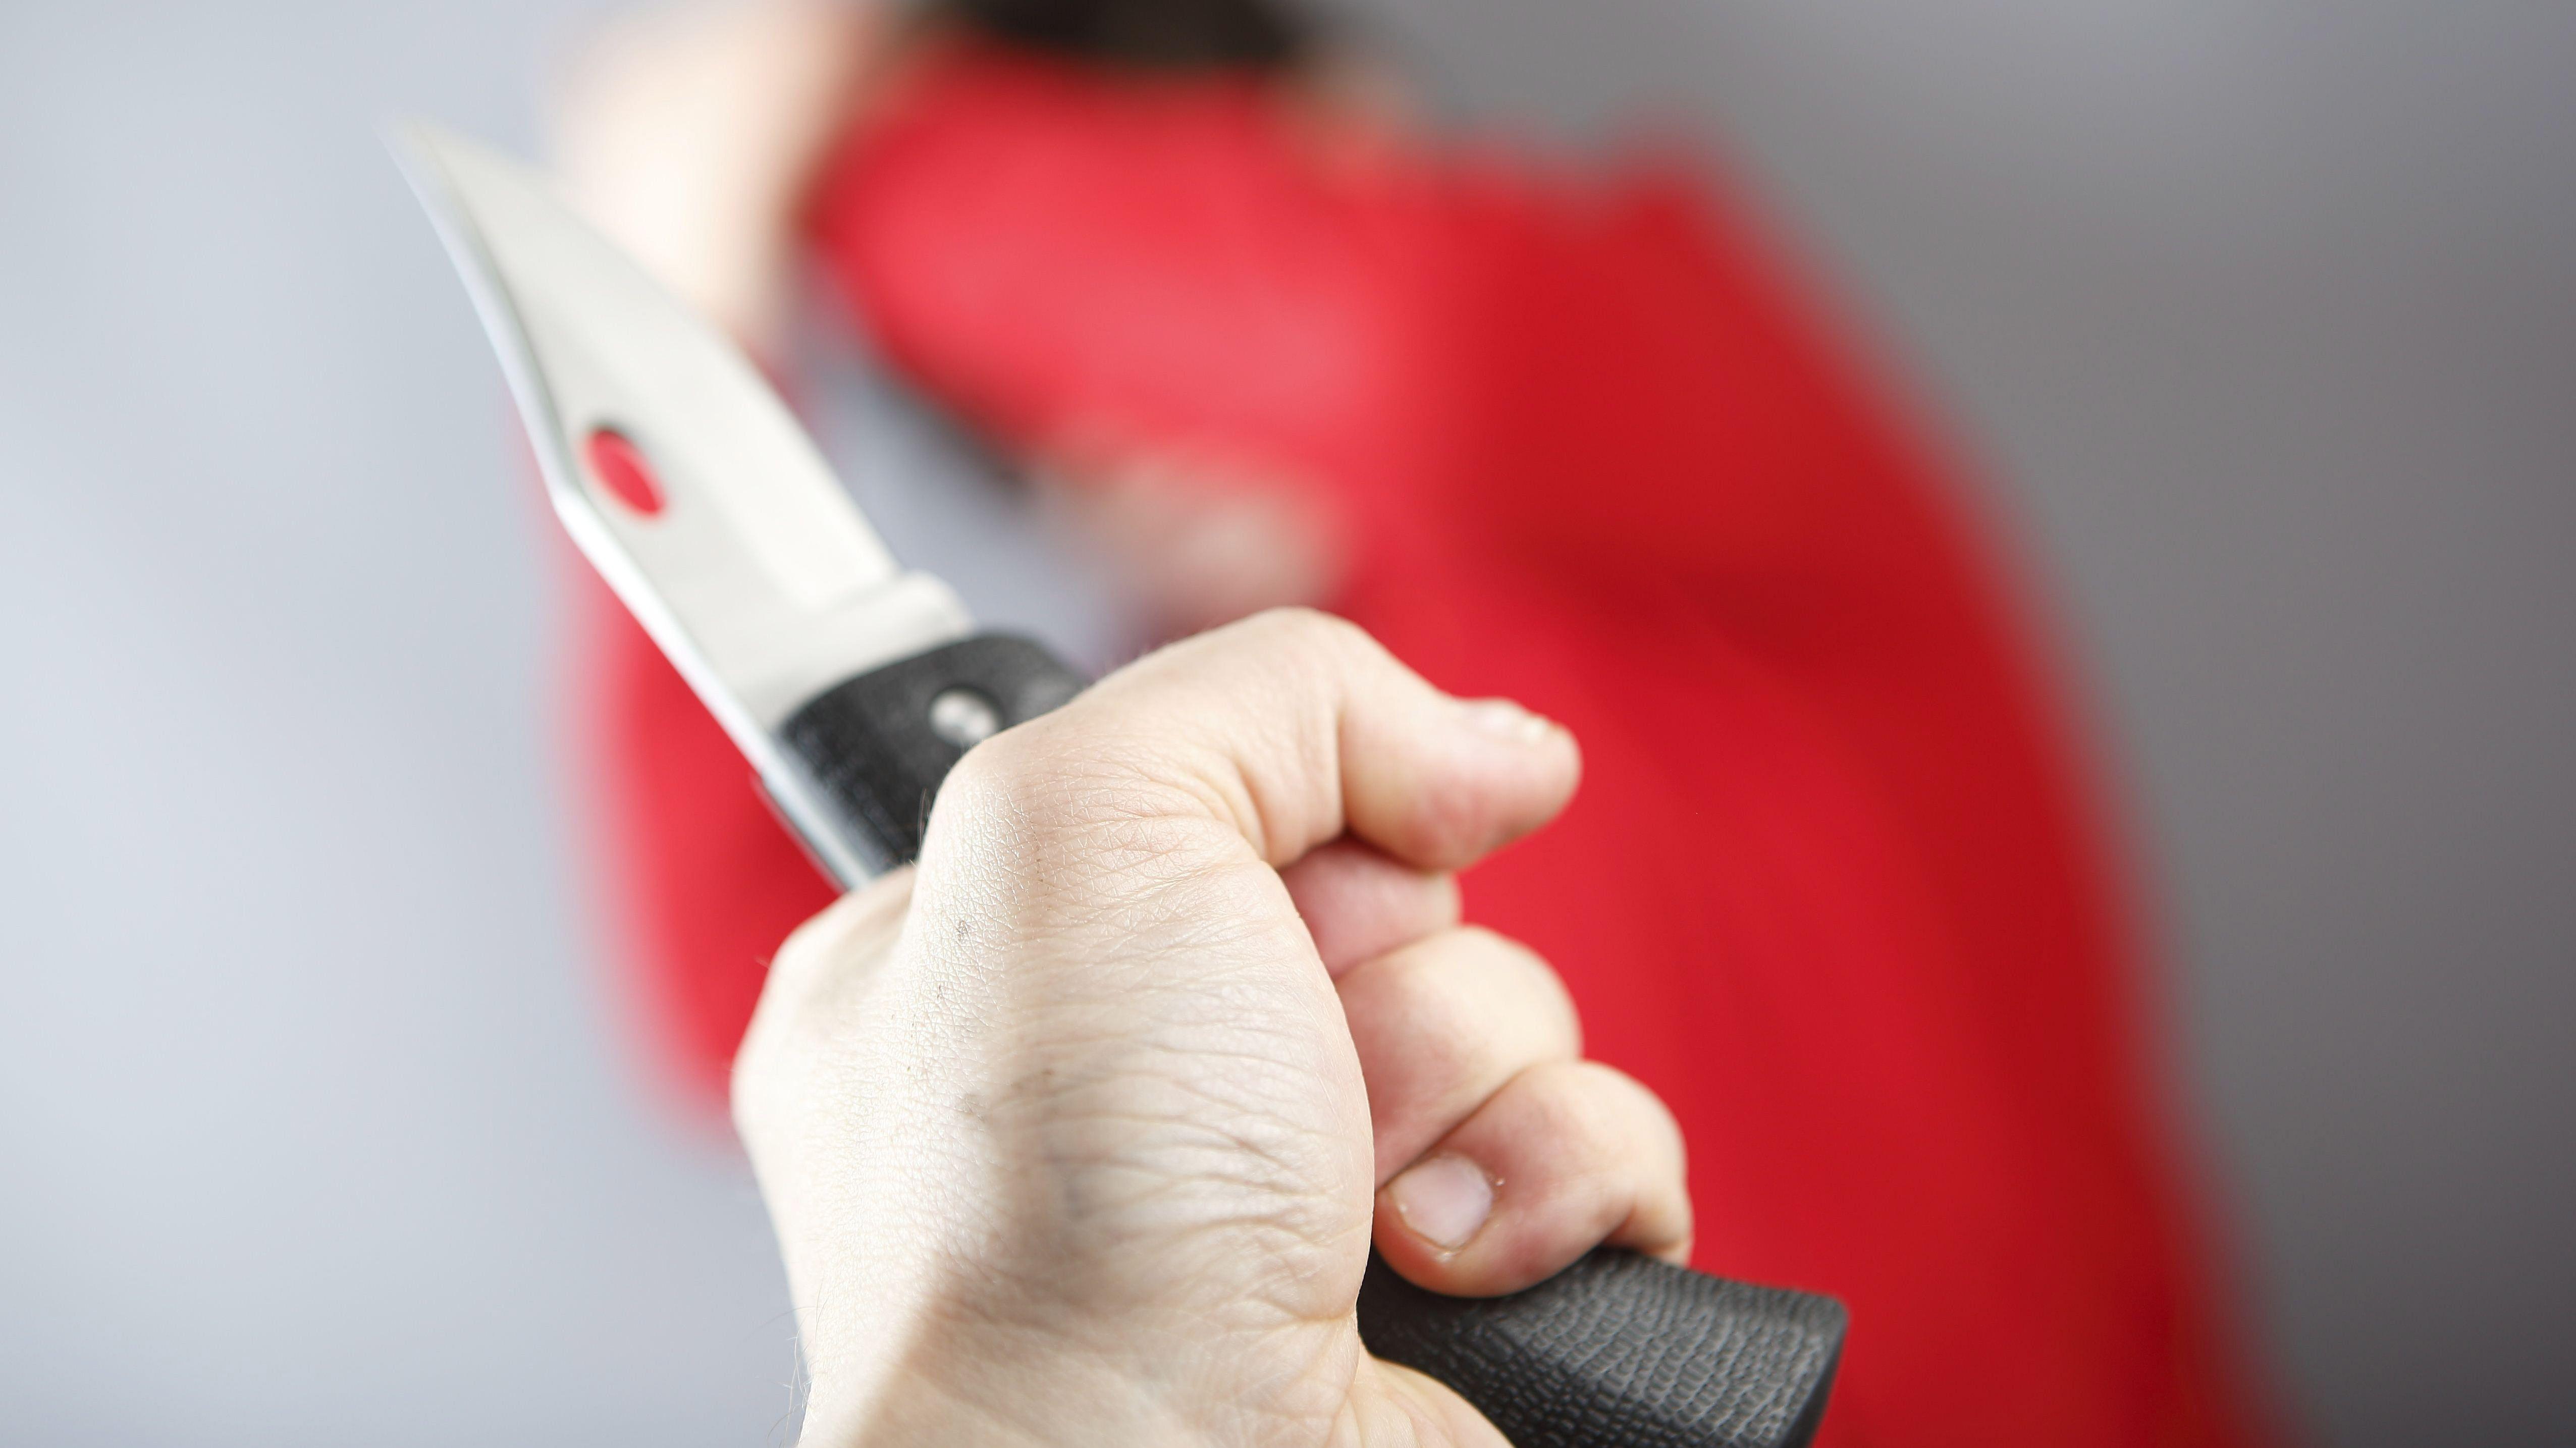 Mann hält Messer und bedroht eine andere Person. (Symbolbild)